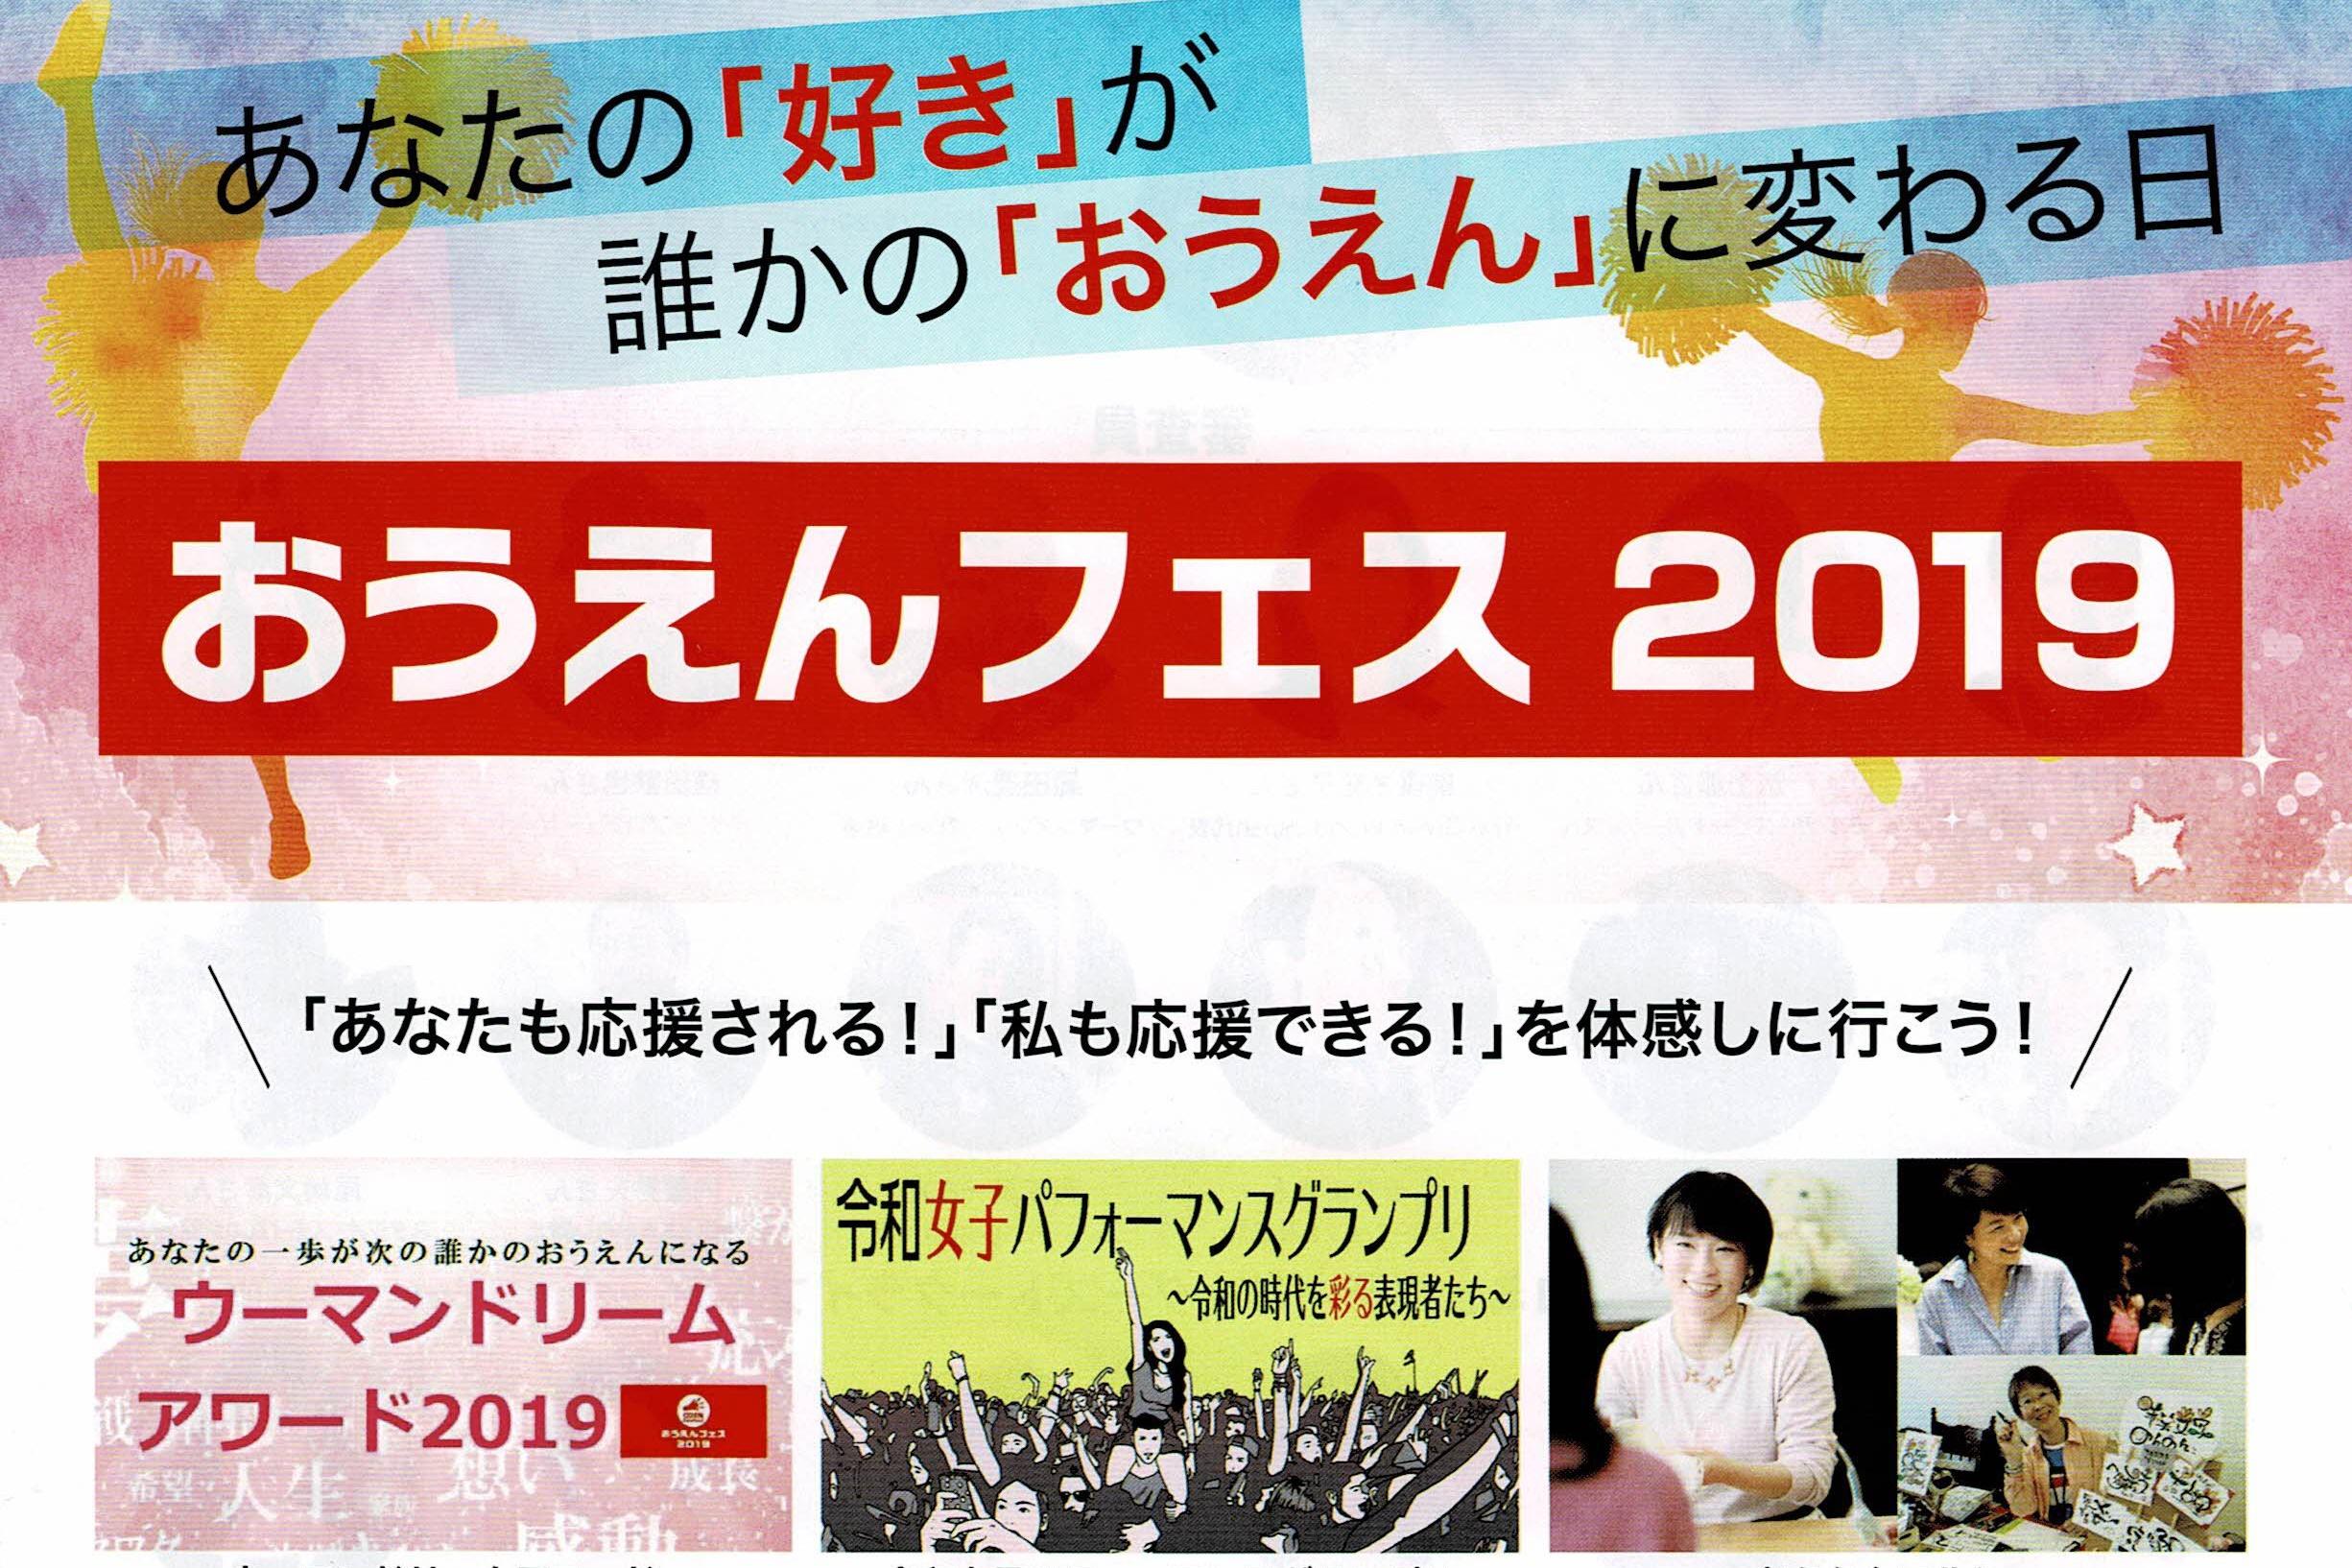 西中がステージに出演 輝く女性を応援します!<br />5月26日(日)おうえんフェス2019 in 東京都